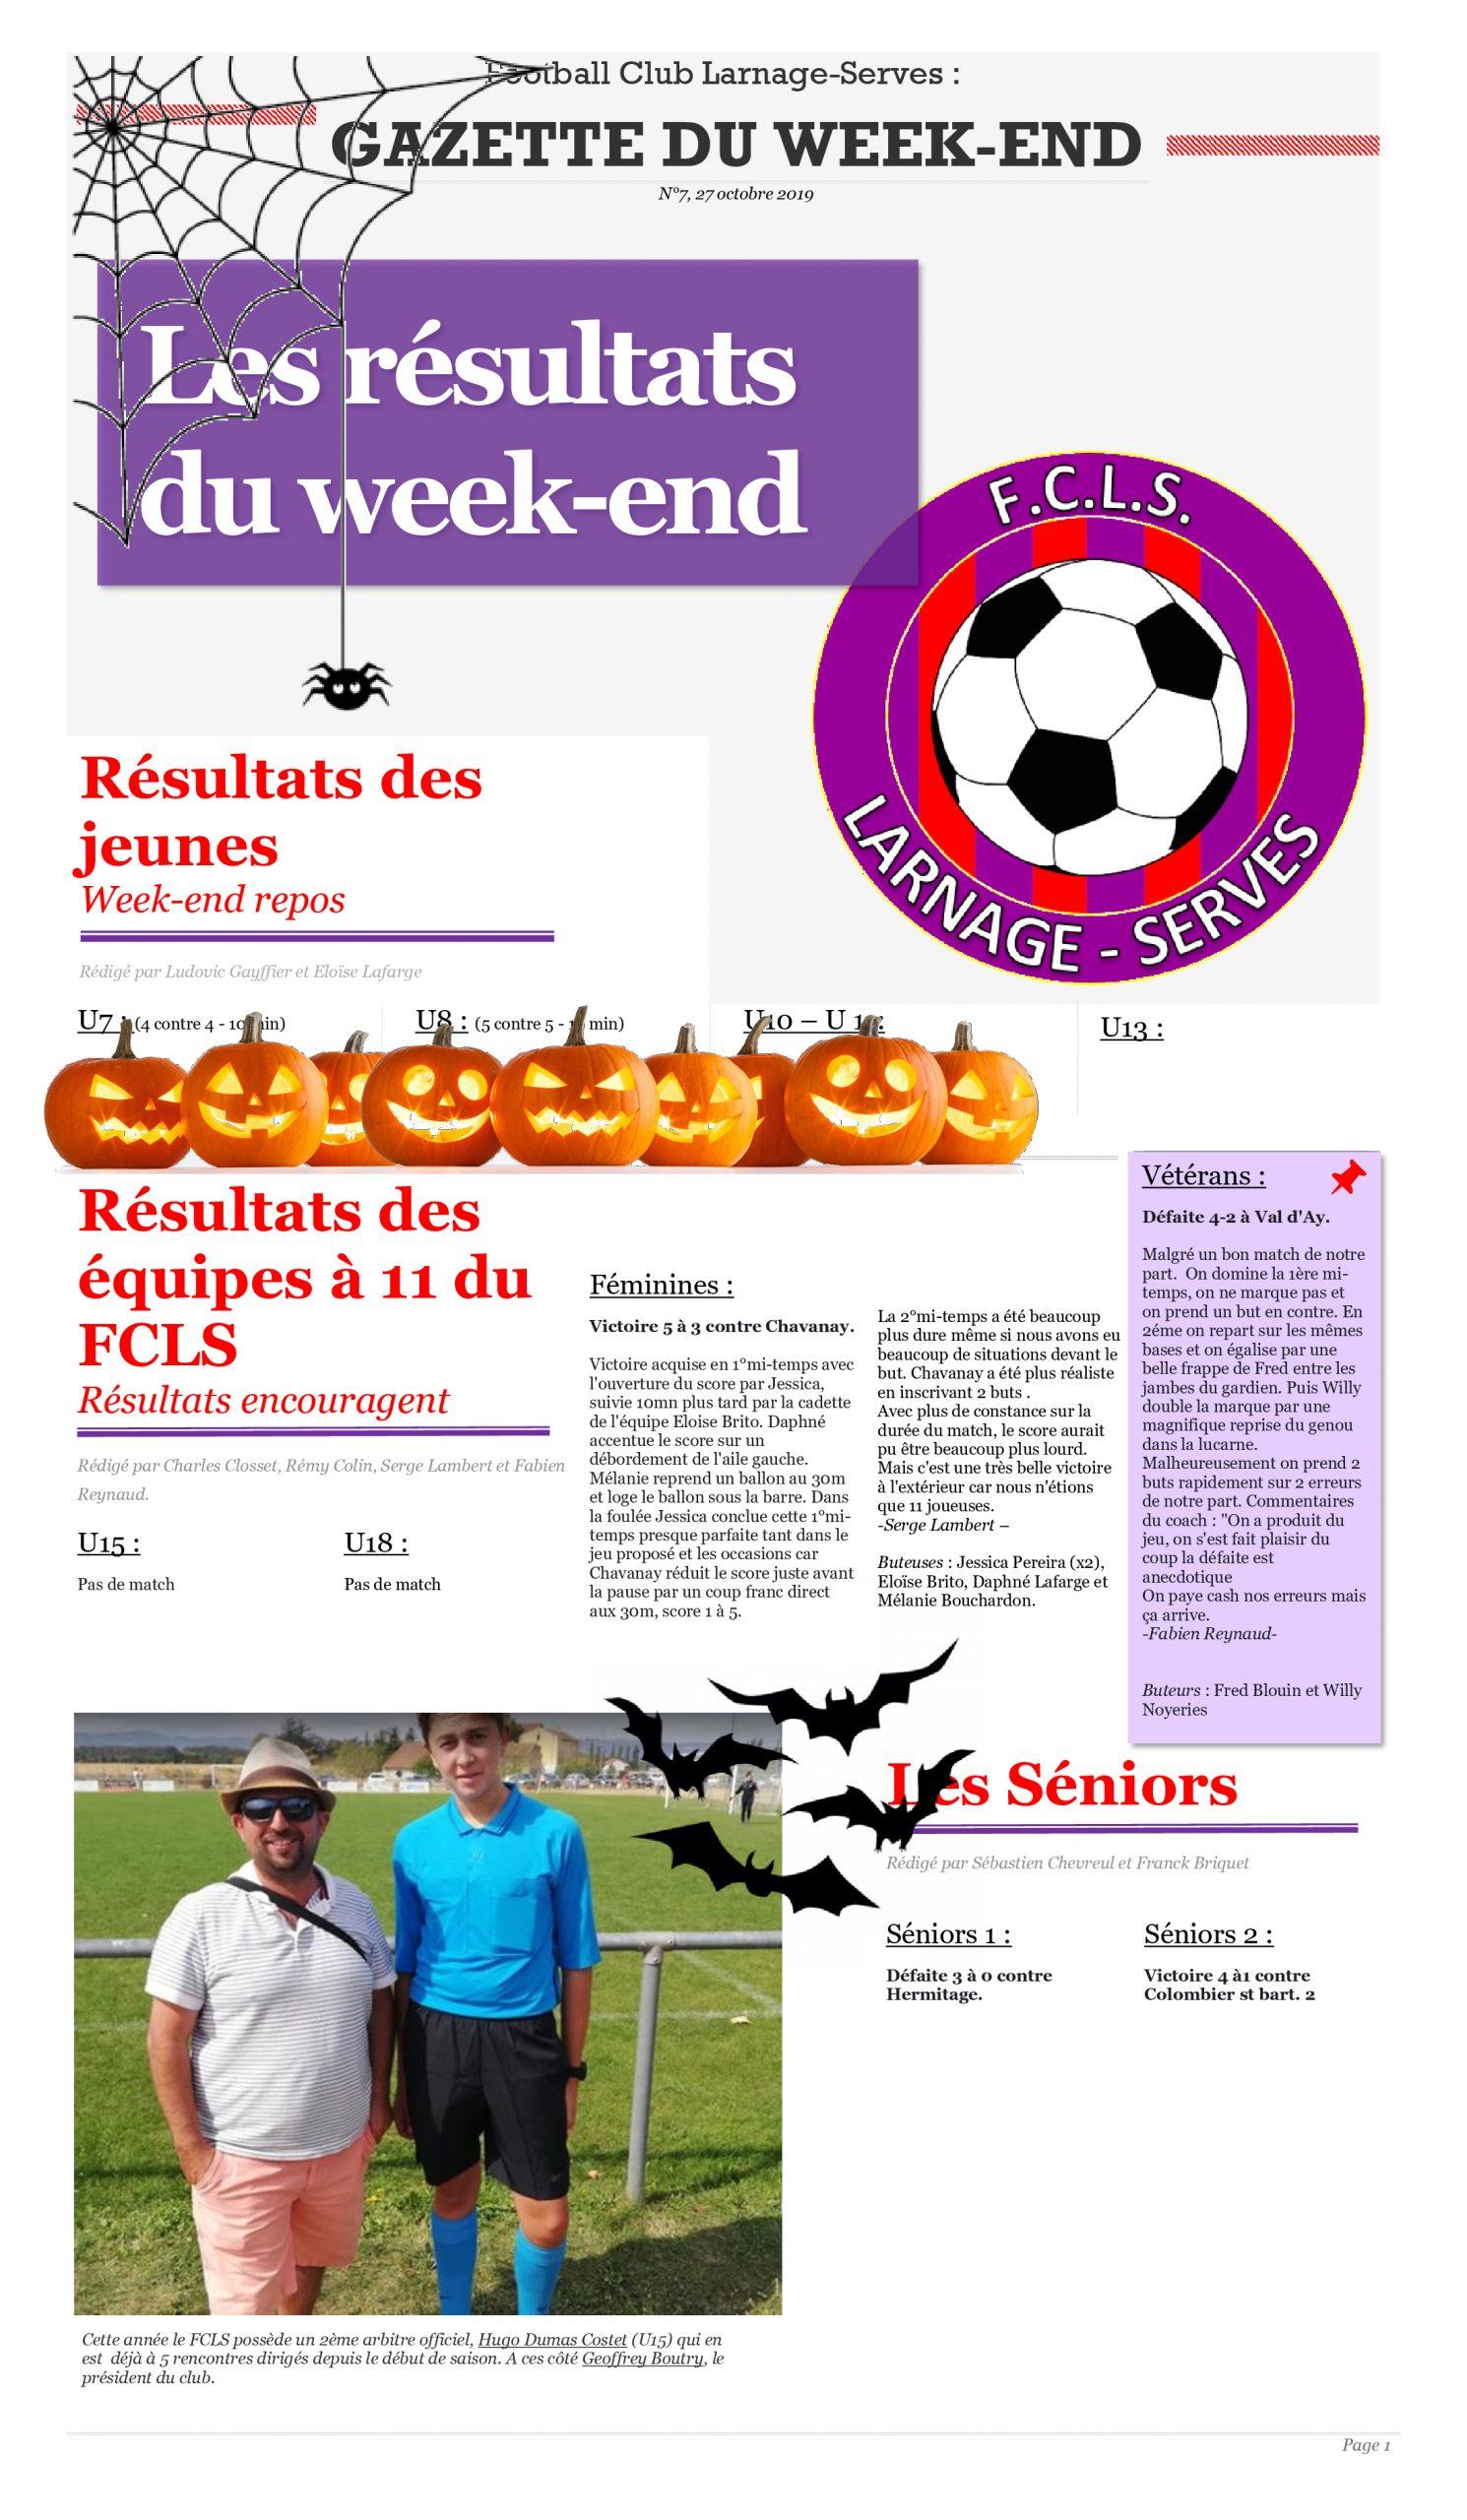 Gazette-du-week-end-fcls-4